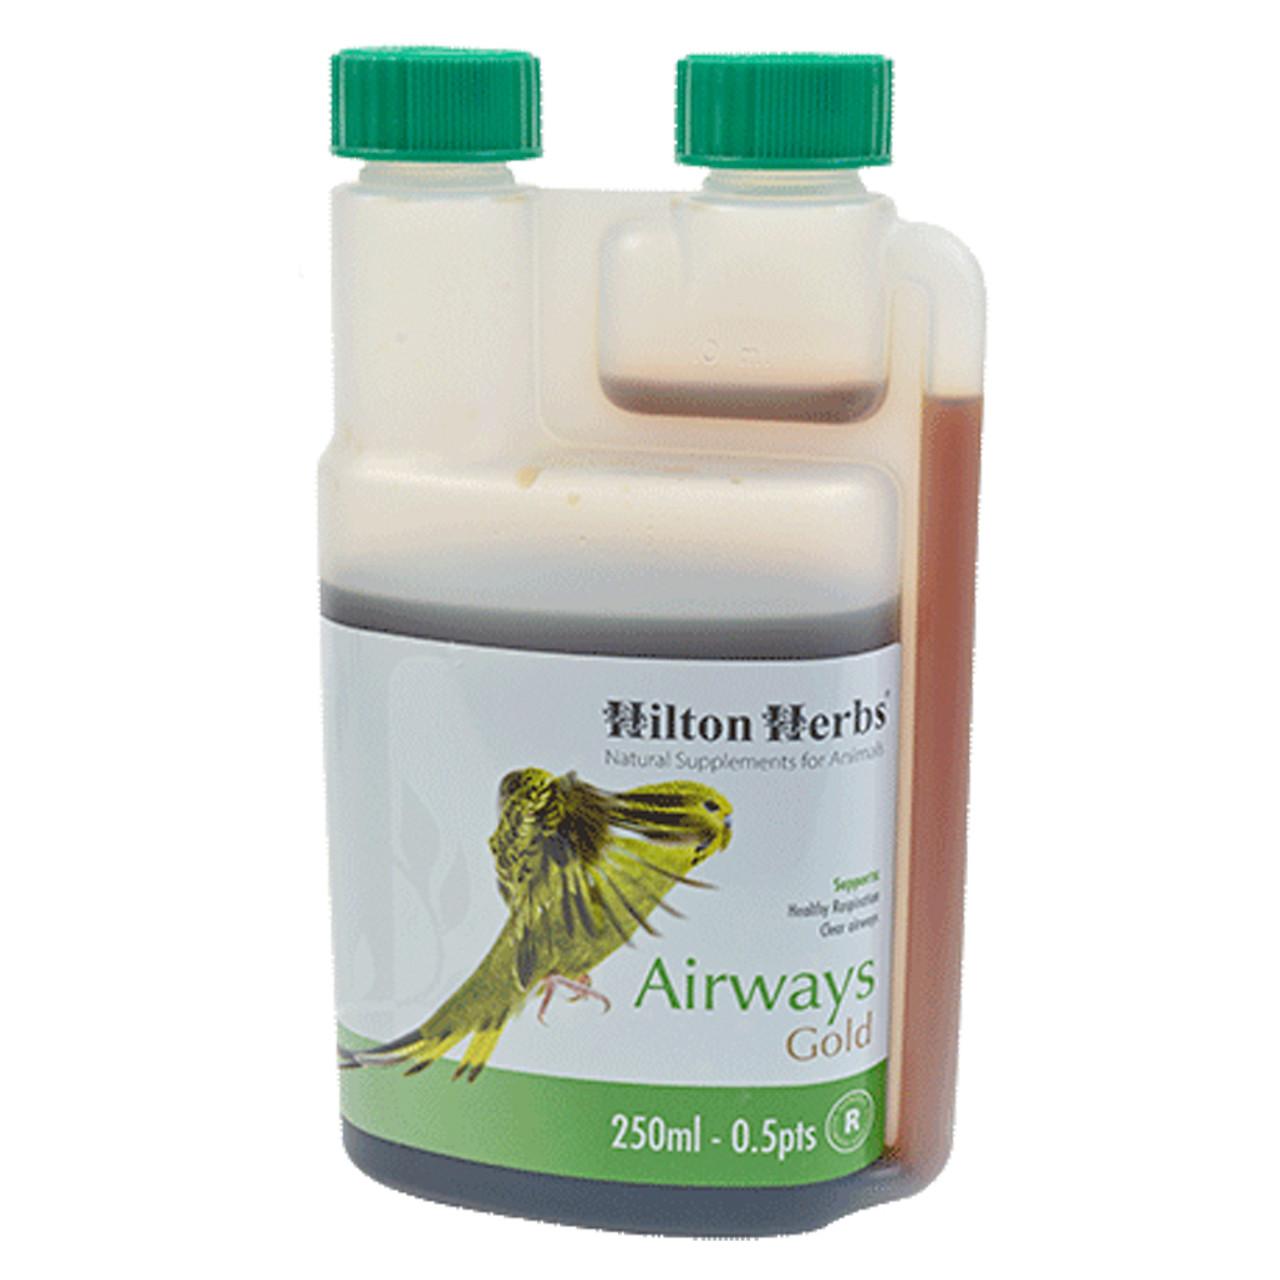 airways gold